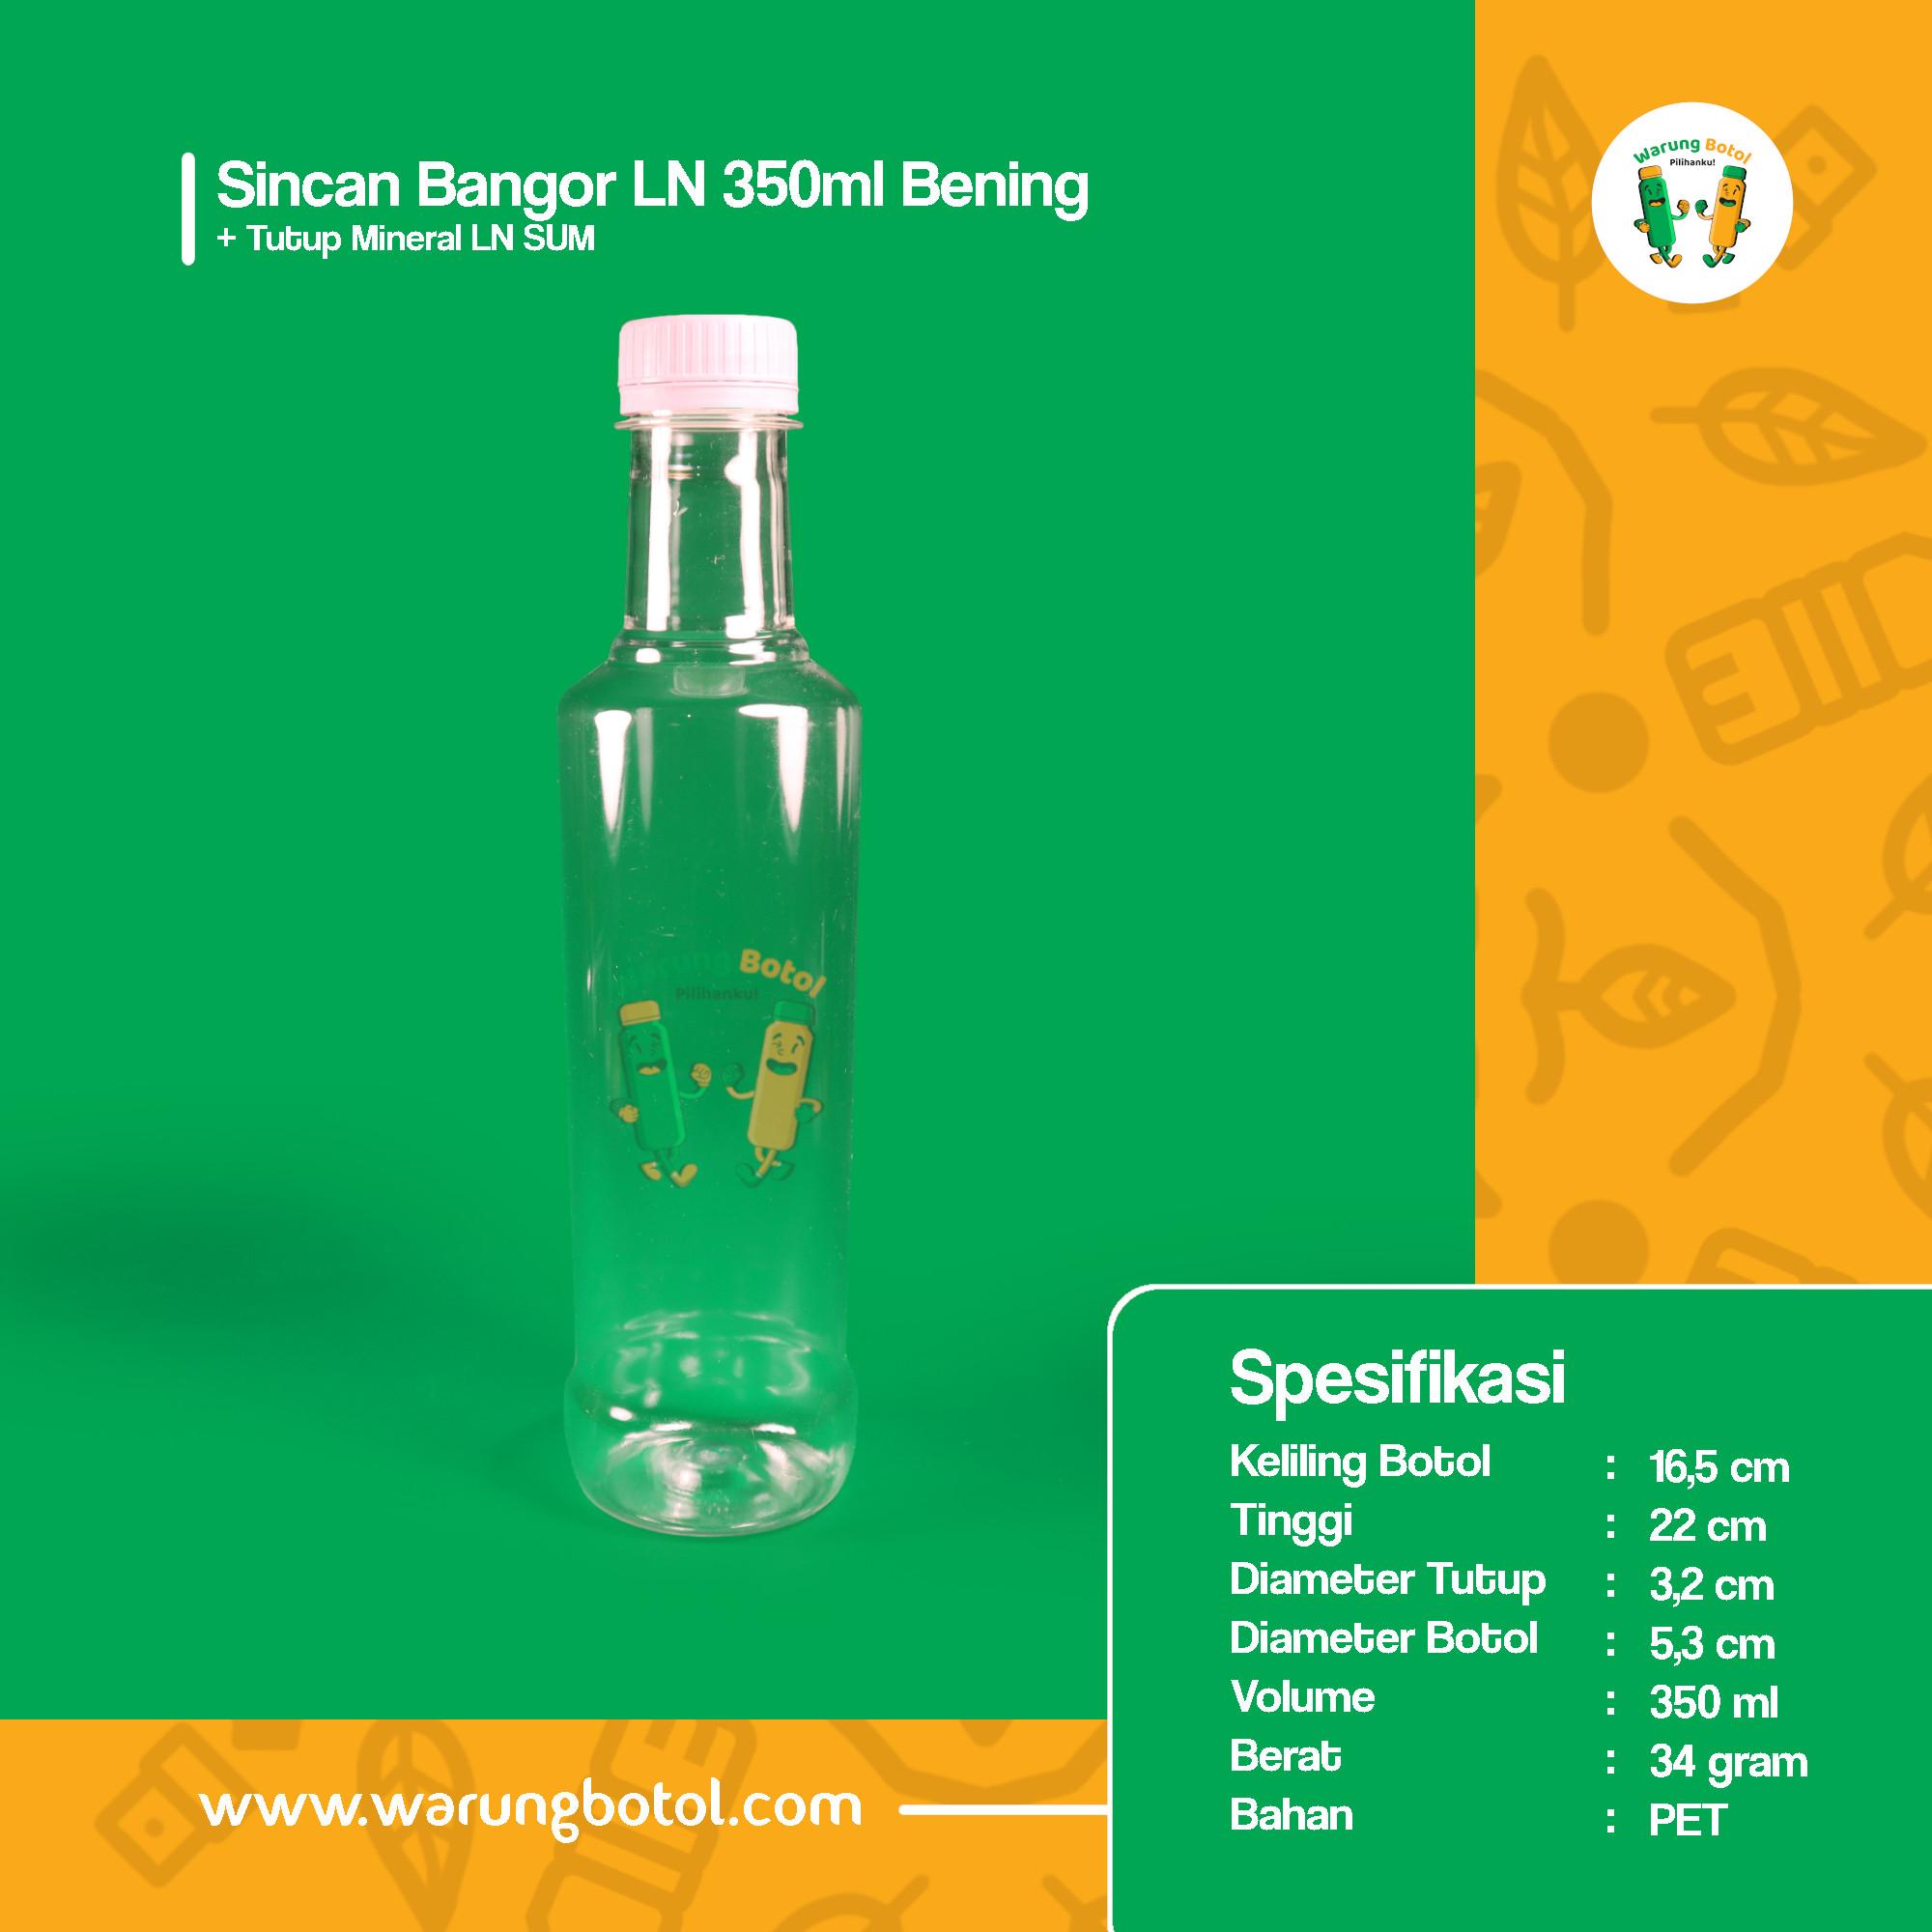 distributor jual botol palastik murah dan unik 350ml untuk kopi jus, minuman, susu soda boba terdekat di bandung jakarta bekasi bogor